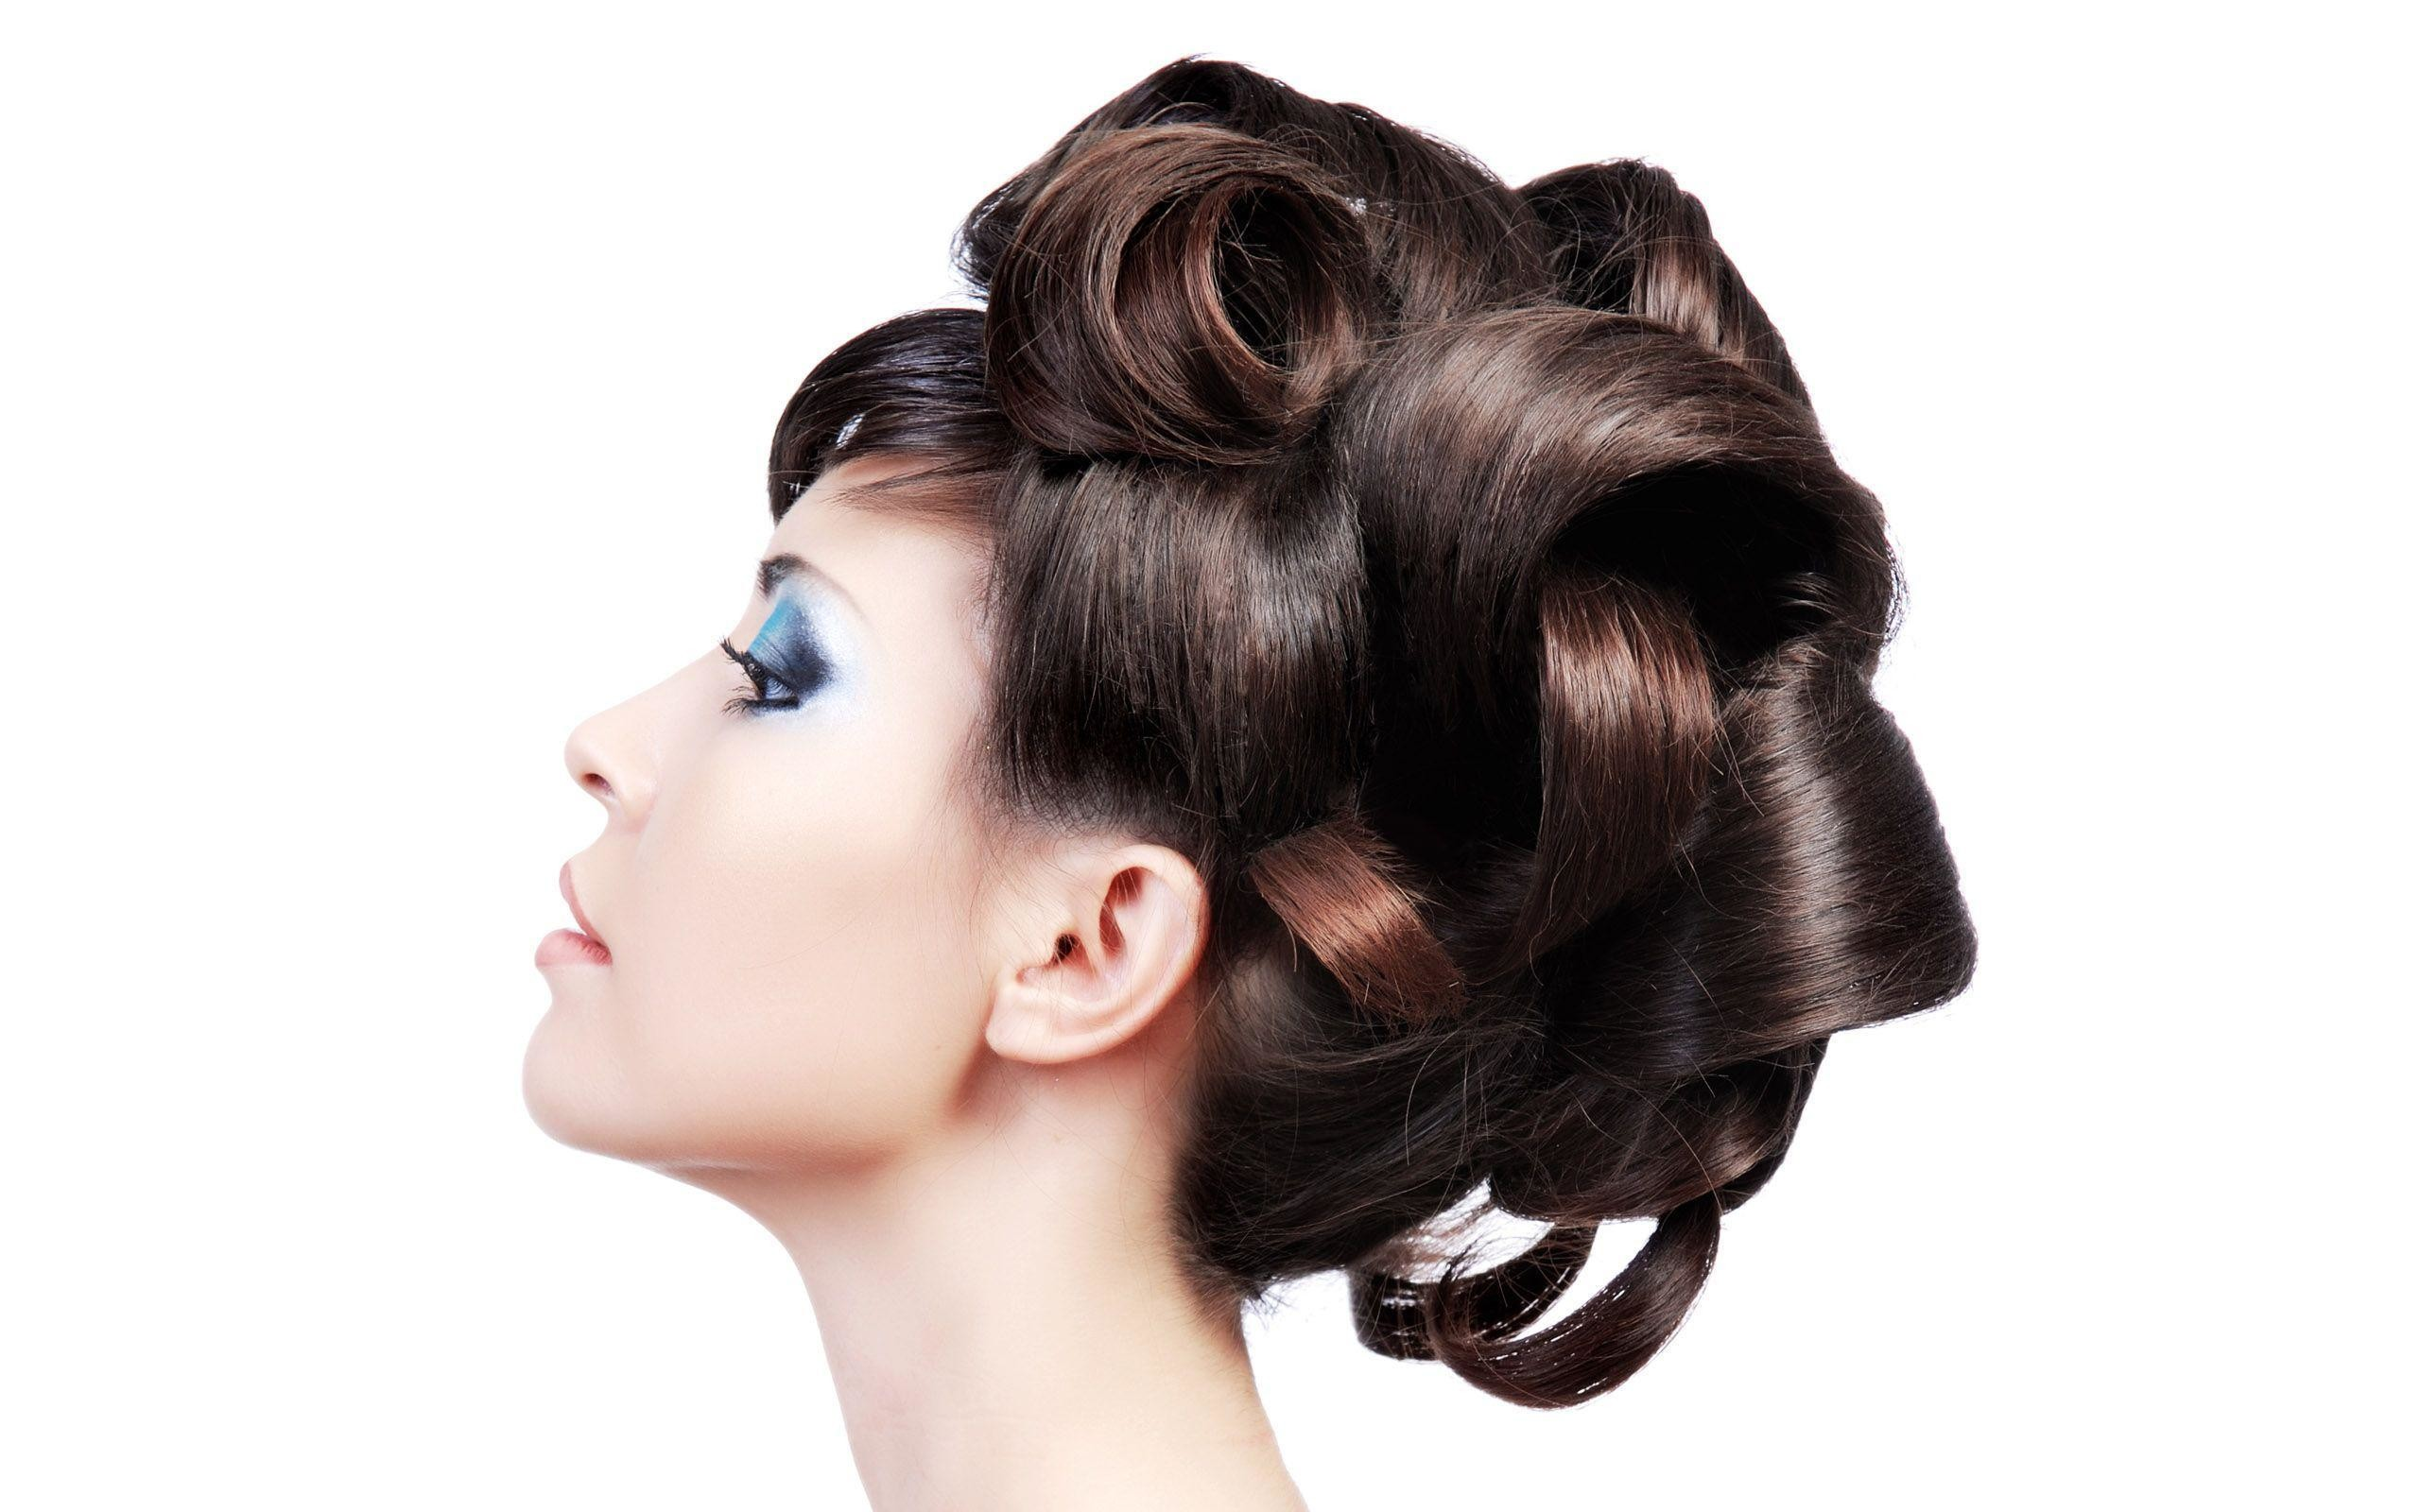 Pam Beauty Salon